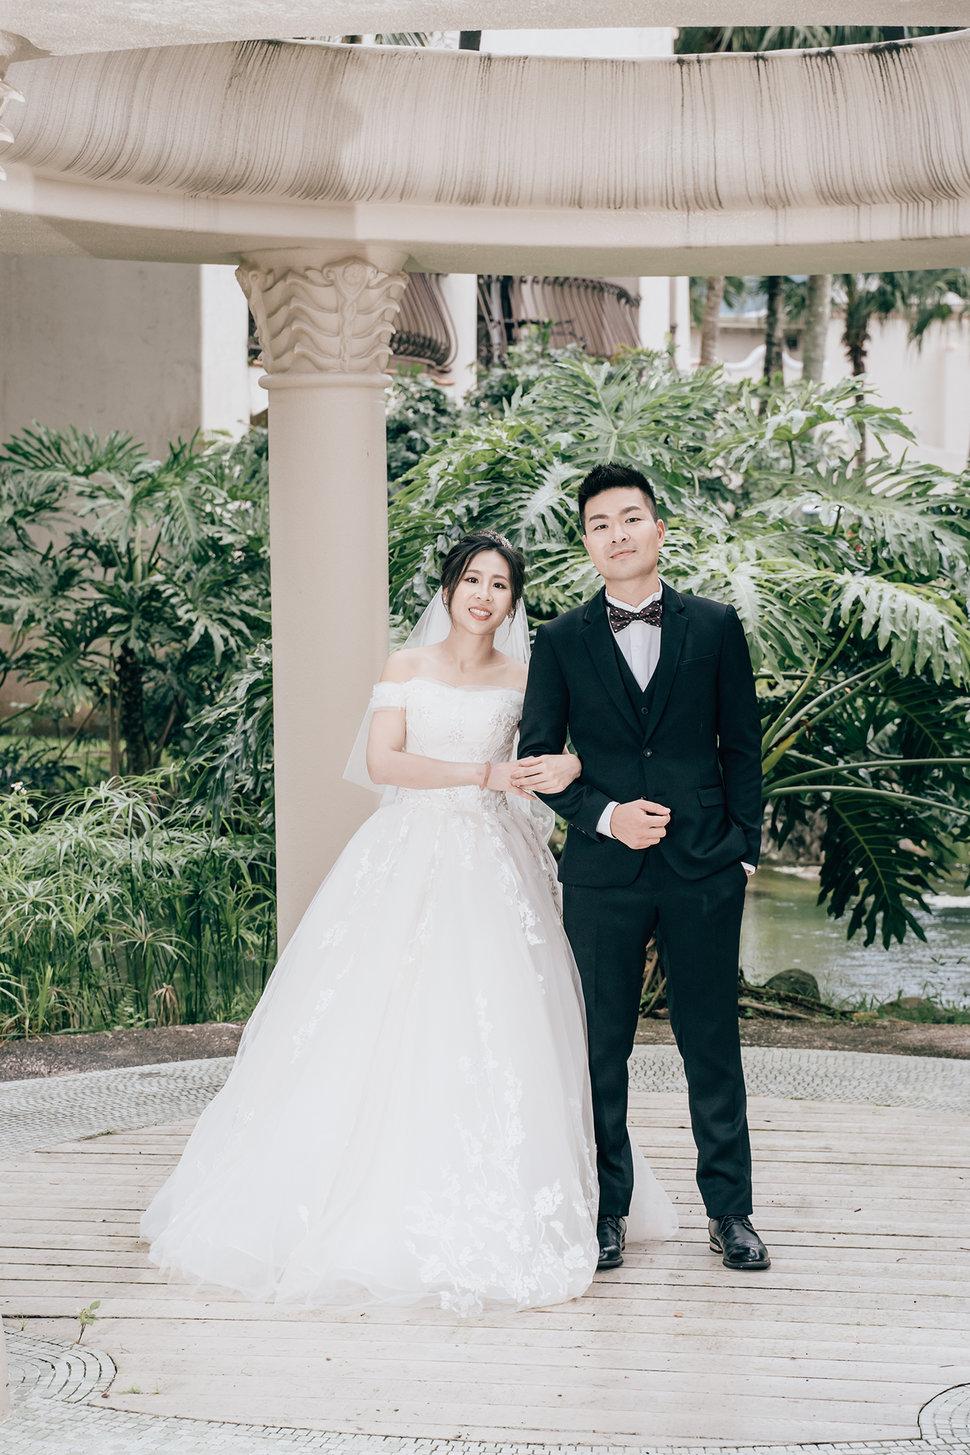 20190606-78 - 婚攝阿峰-采舍影像《結婚吧》